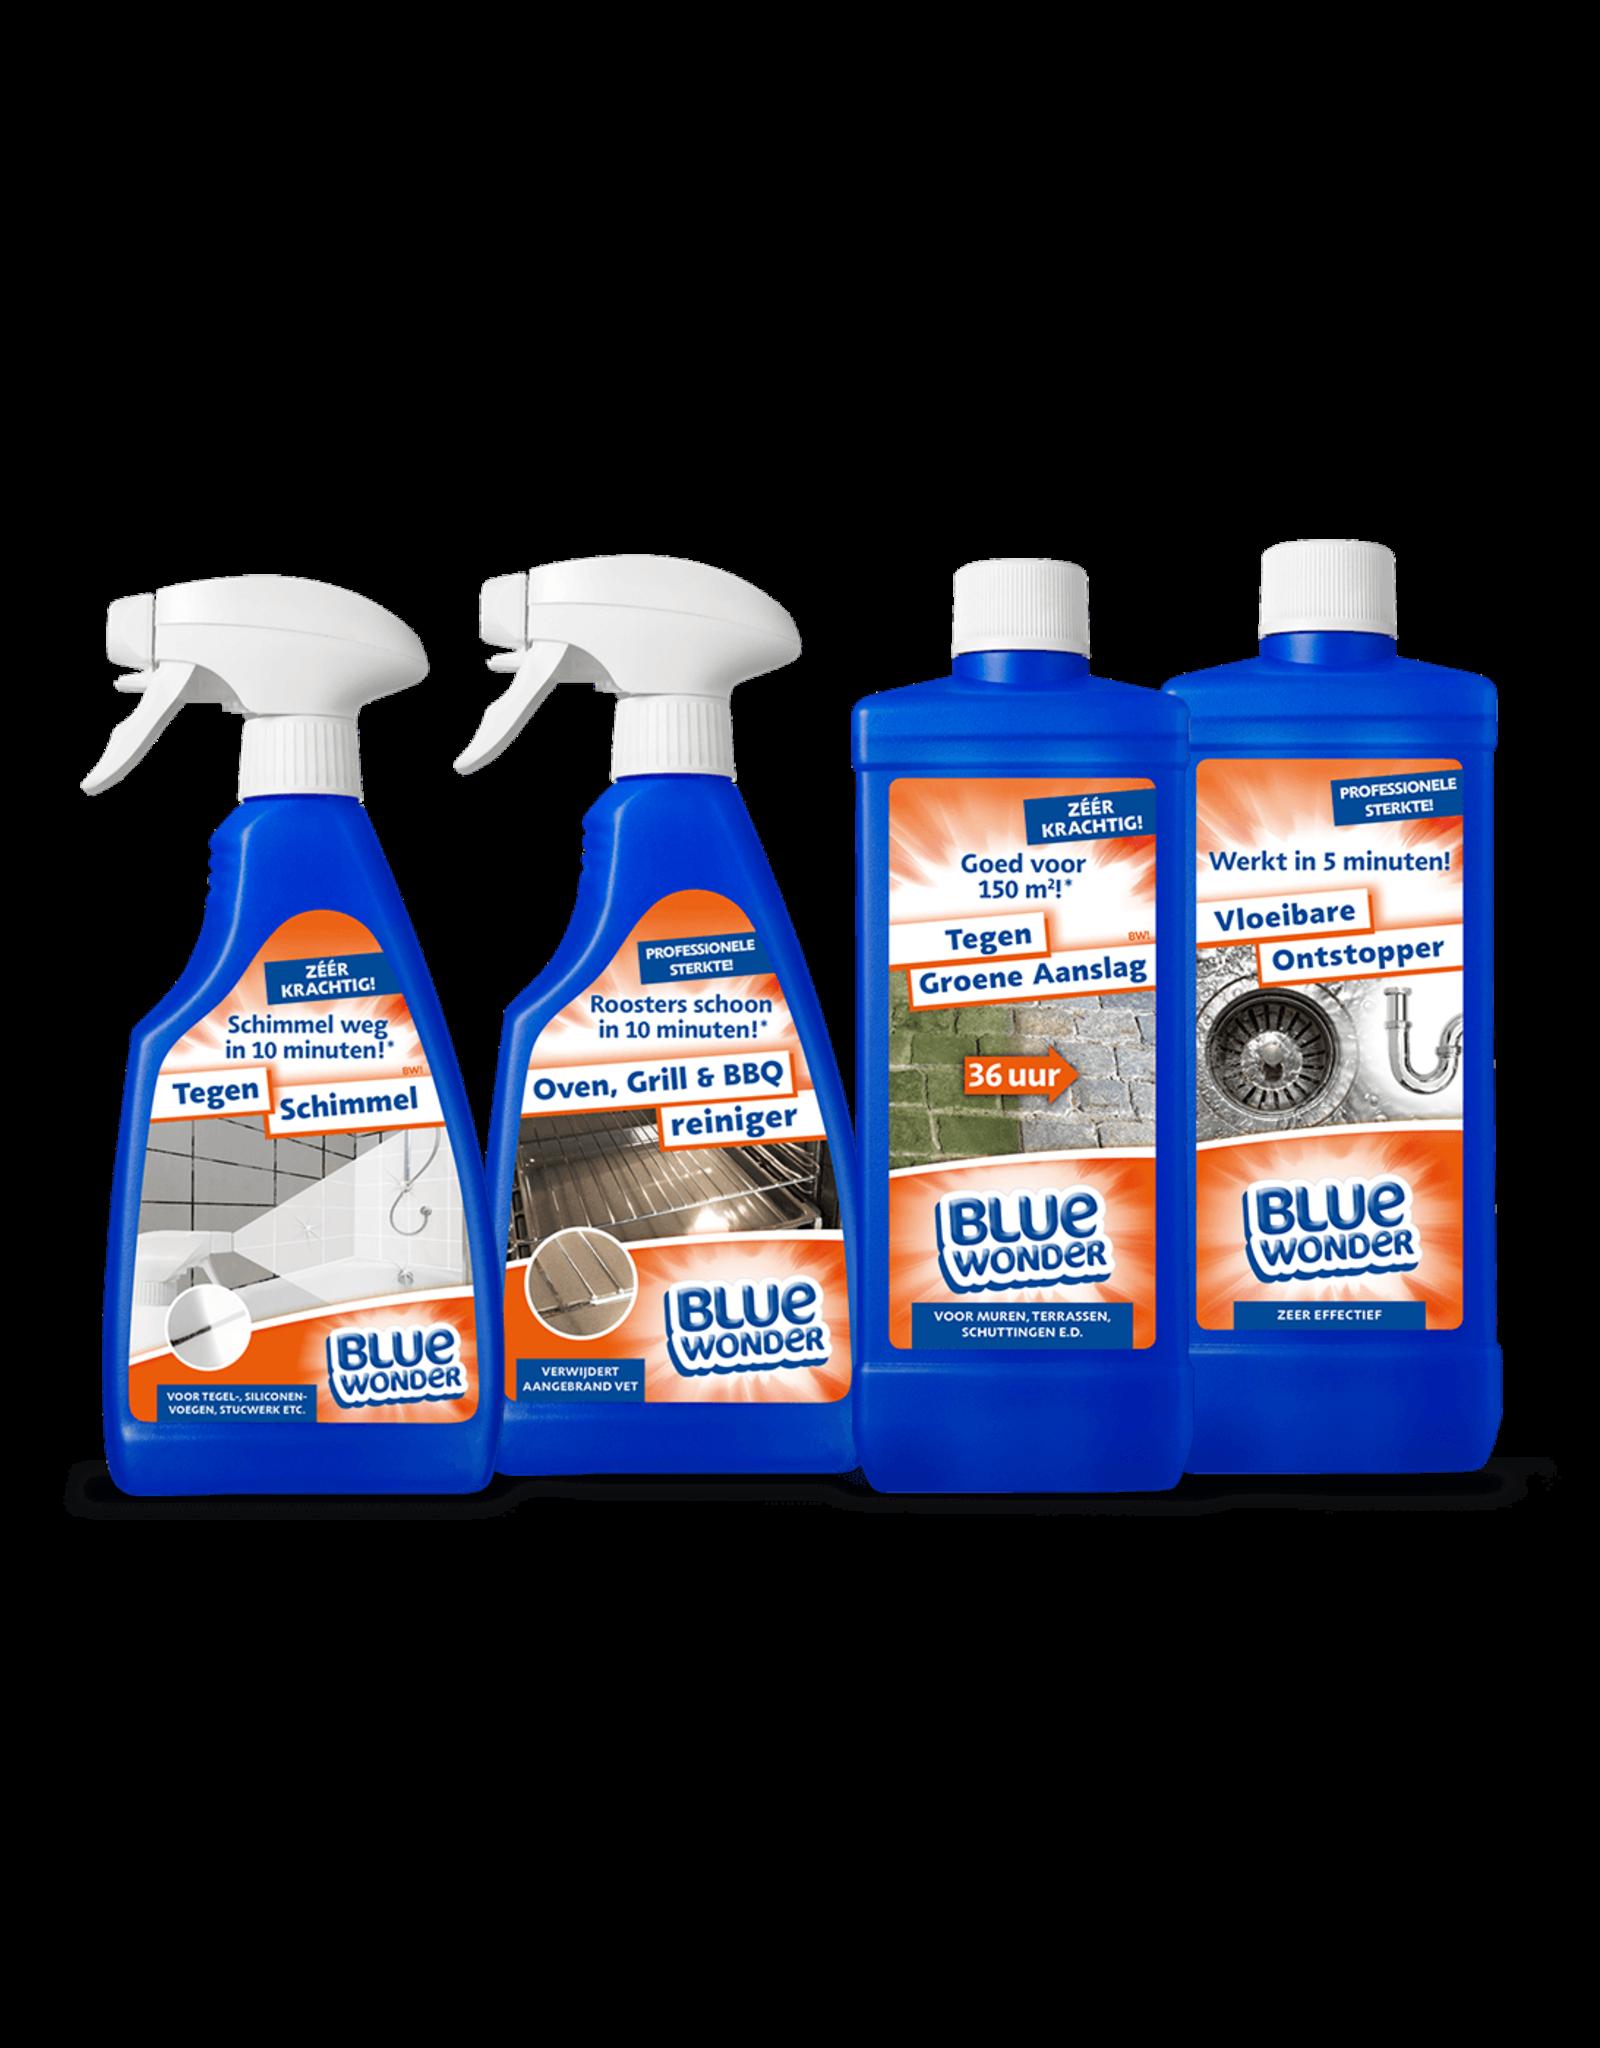 Blue Wonder Blue Wonder Tegen Schimmel Speciaalreiniger - 500 ml spray fles